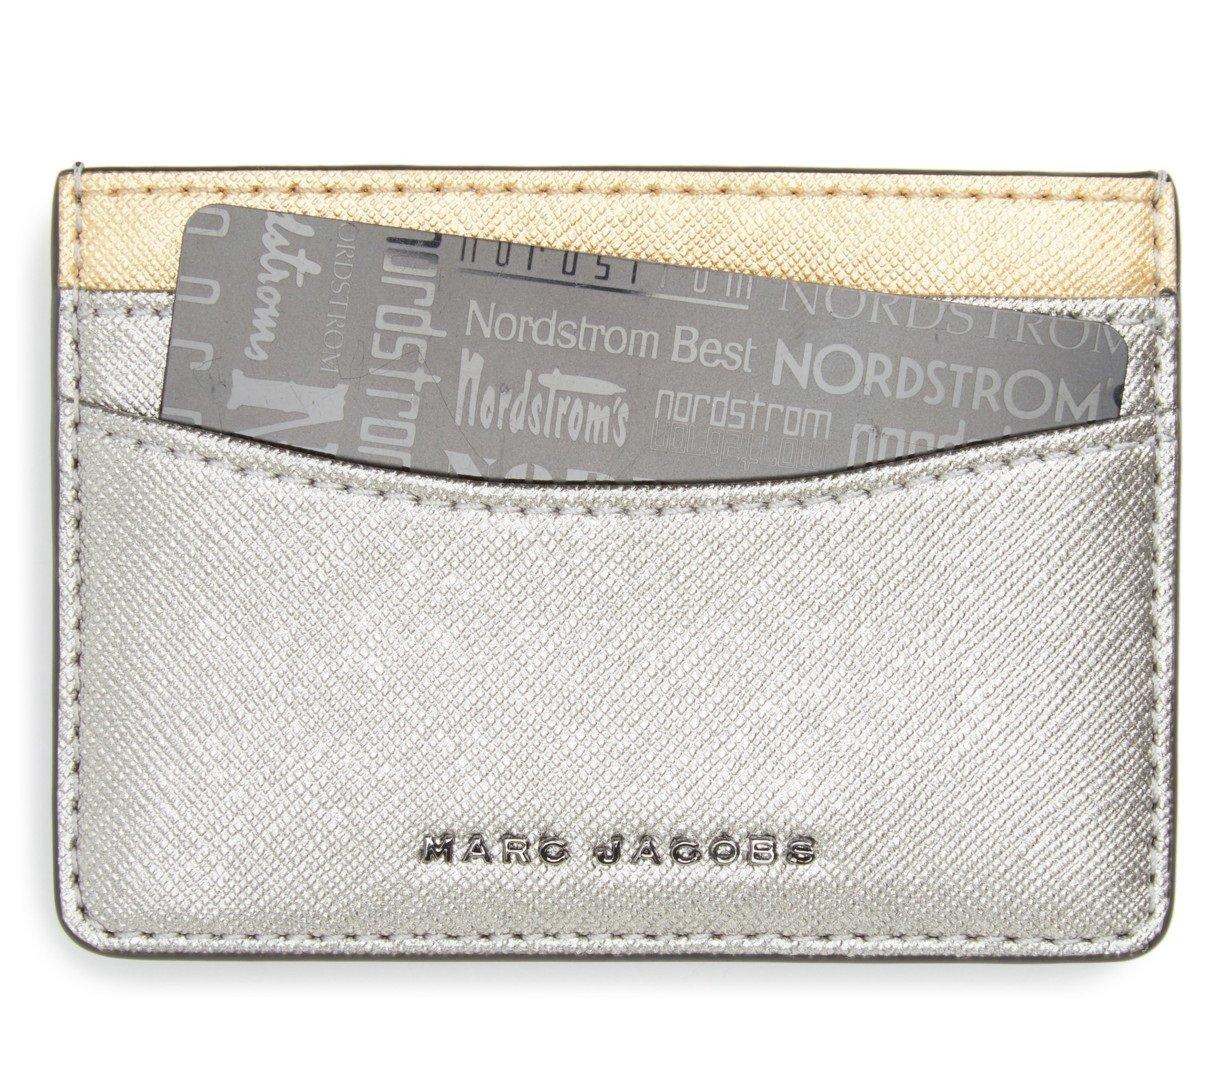 Marc Jacobs Women's Saffiano Tricolor Metallic Card Case Acciaio Handbag